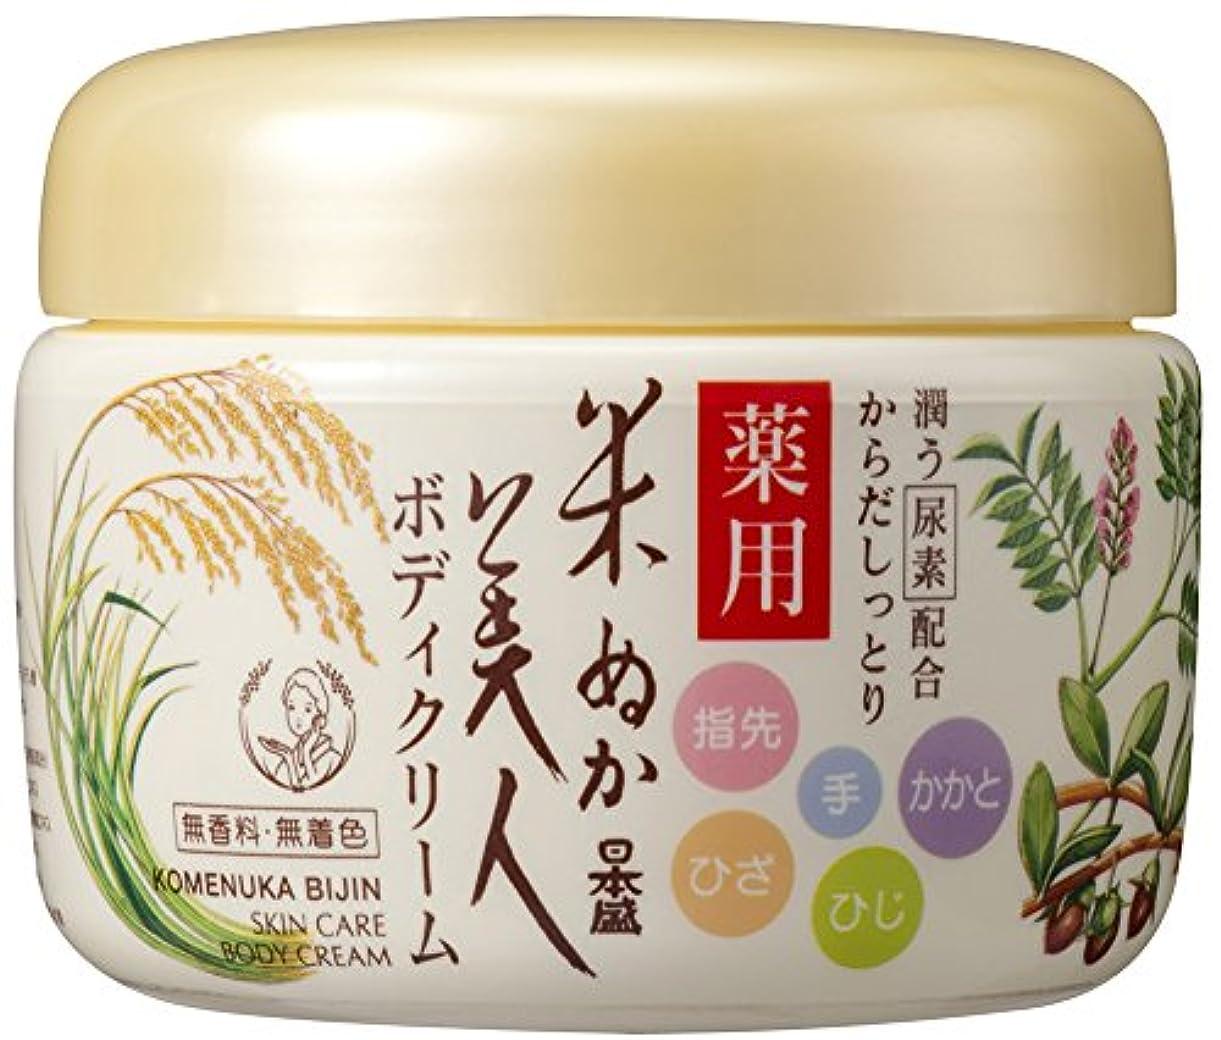 つま先どのくらいの頻度で必需品米ぬか美人 薬用ボディクリーム 140g